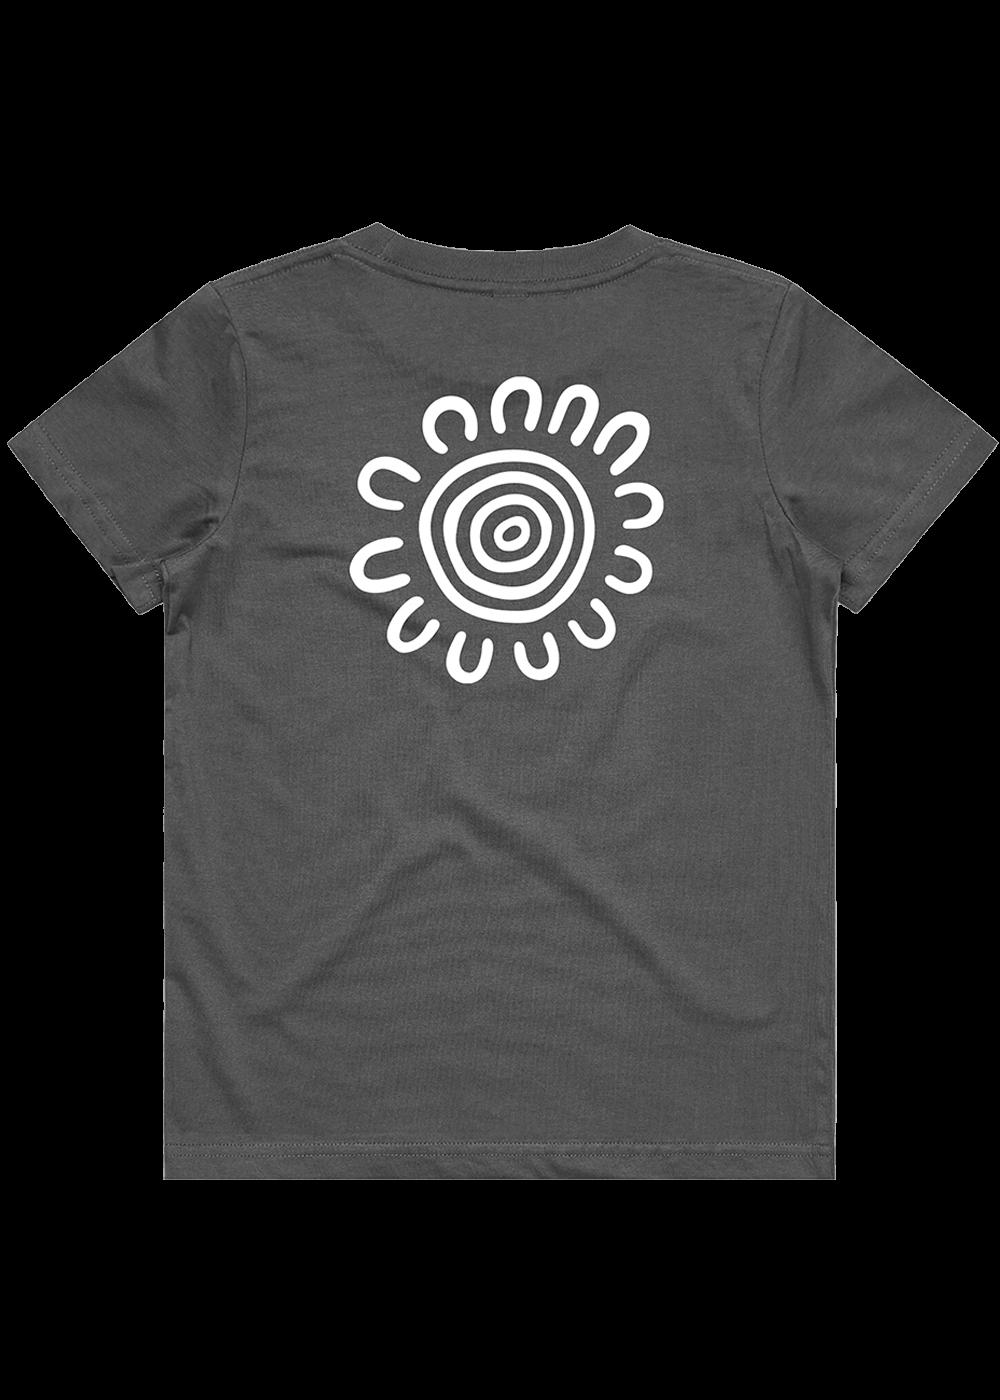 AMAA Yarning Circle T- Shirt - Kids & Youths